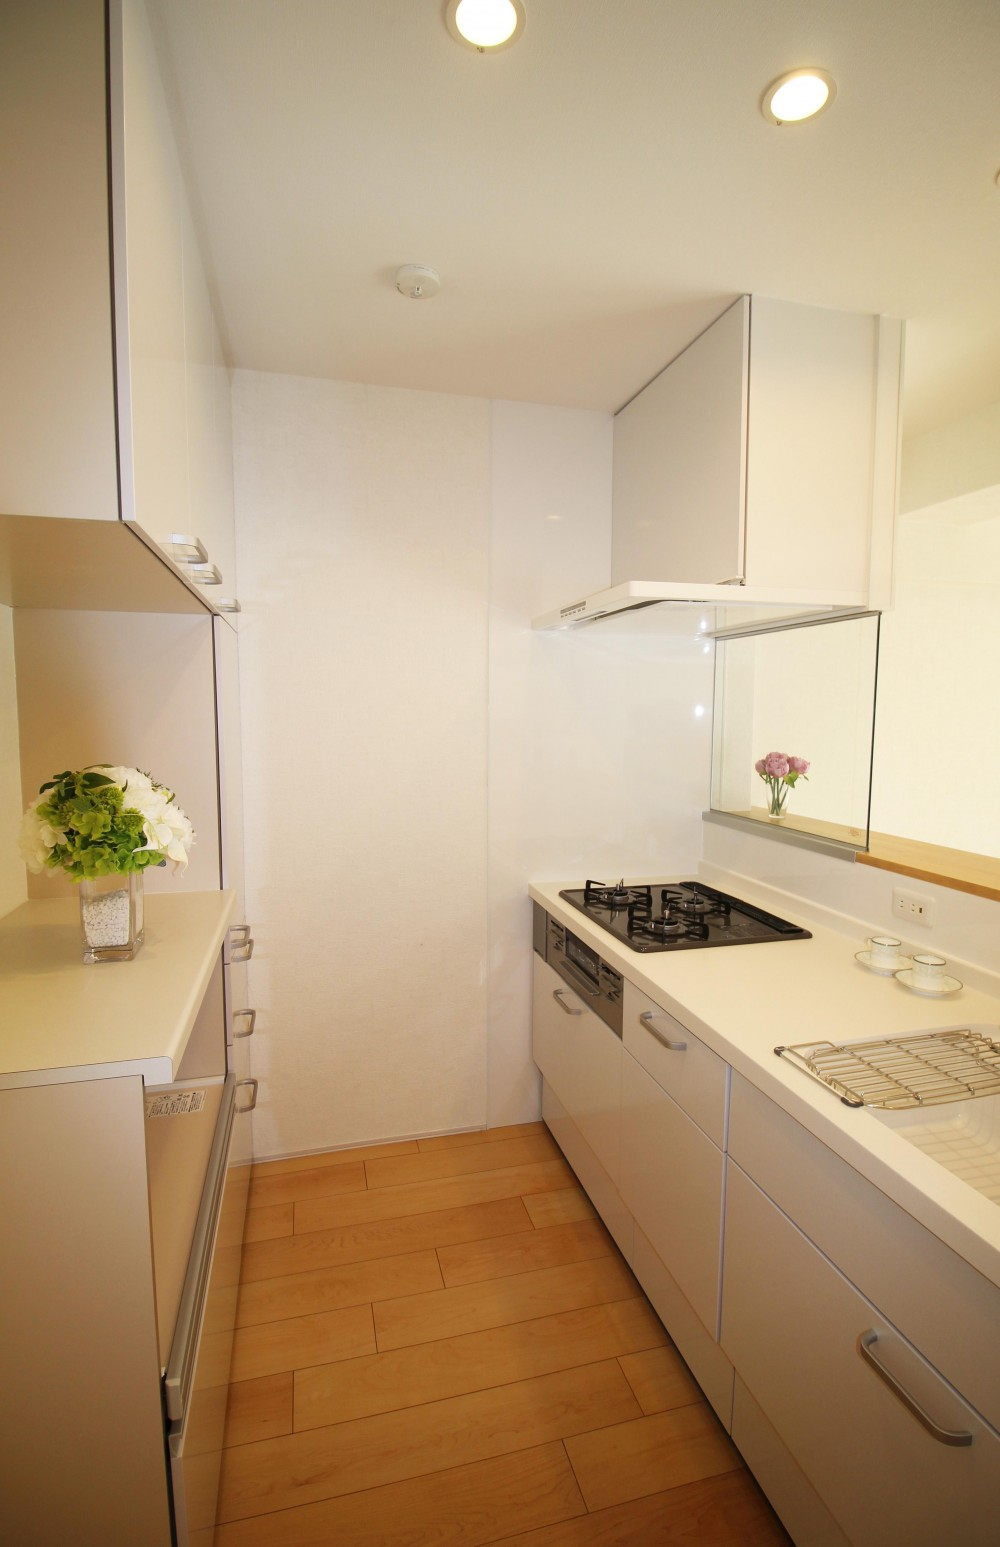 造作家具で壁面スッキリ、オンリーワンの広々なLDK (対面式キッチン カウンター付き)